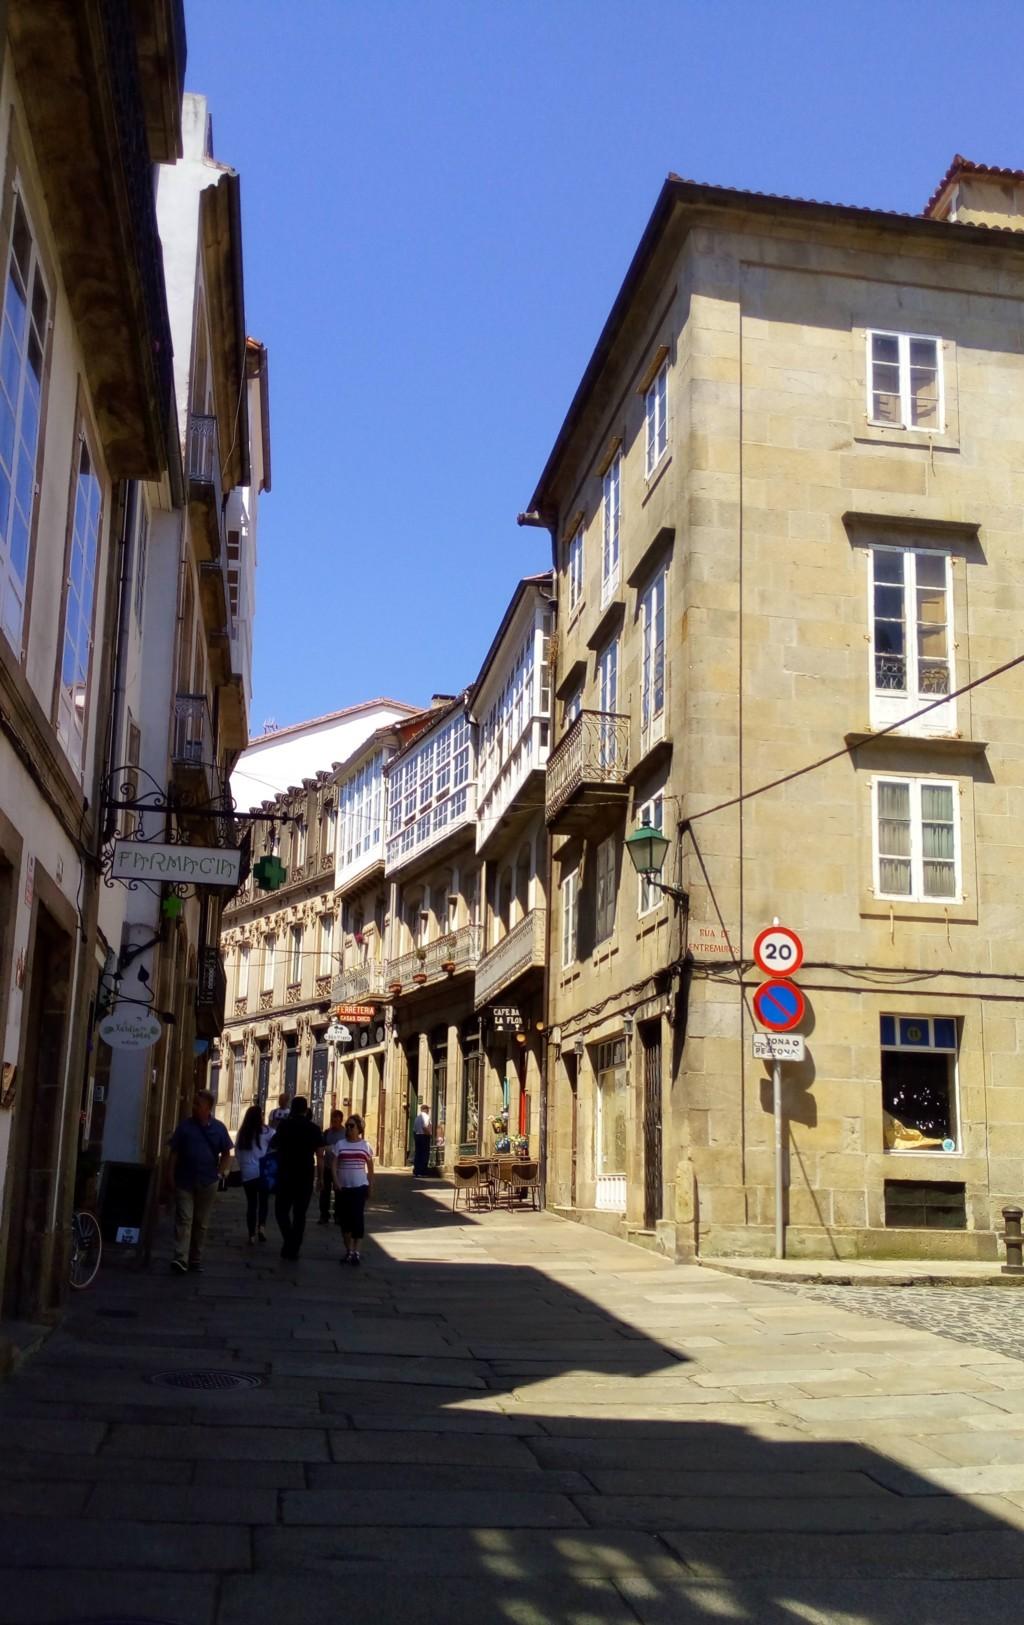 Foto 2 - A la derecha acceso a Rúa Entremuros